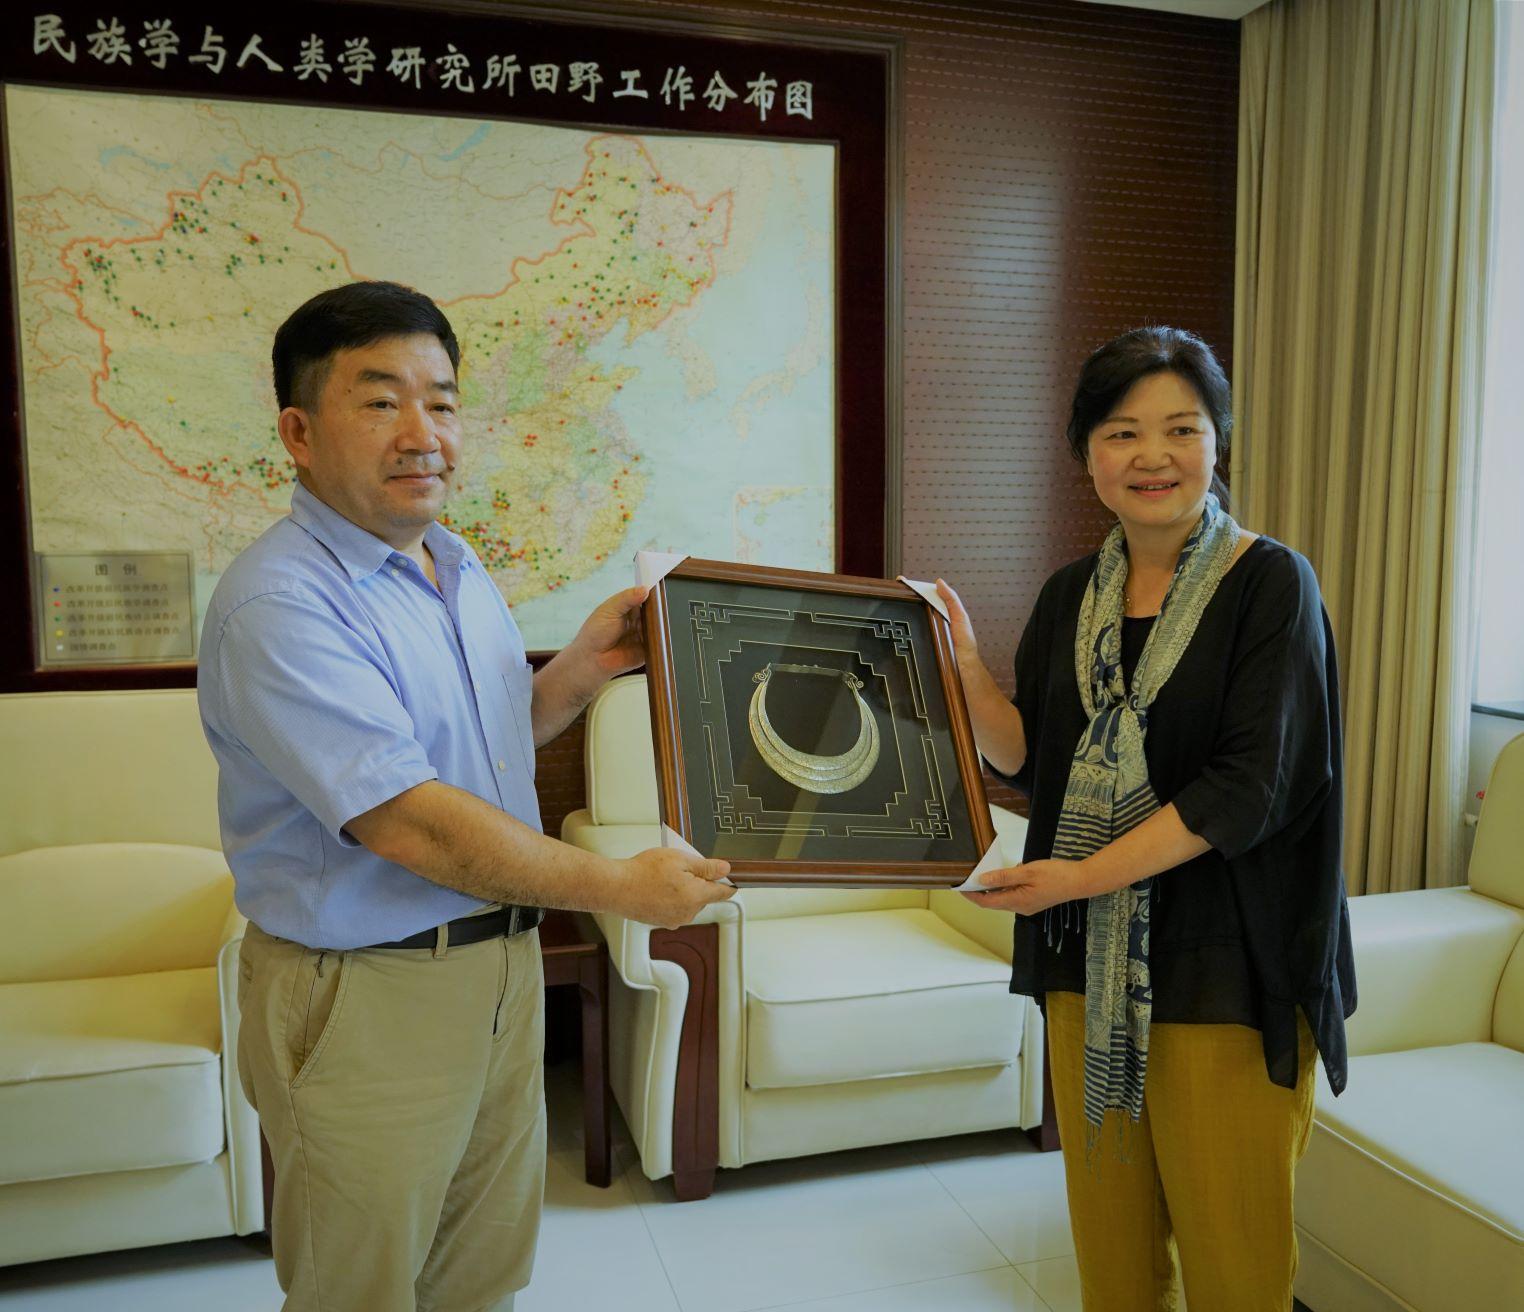 黄晓所长代表贵州省社会科学院赠送了礼物,庆祝我所成立60周年